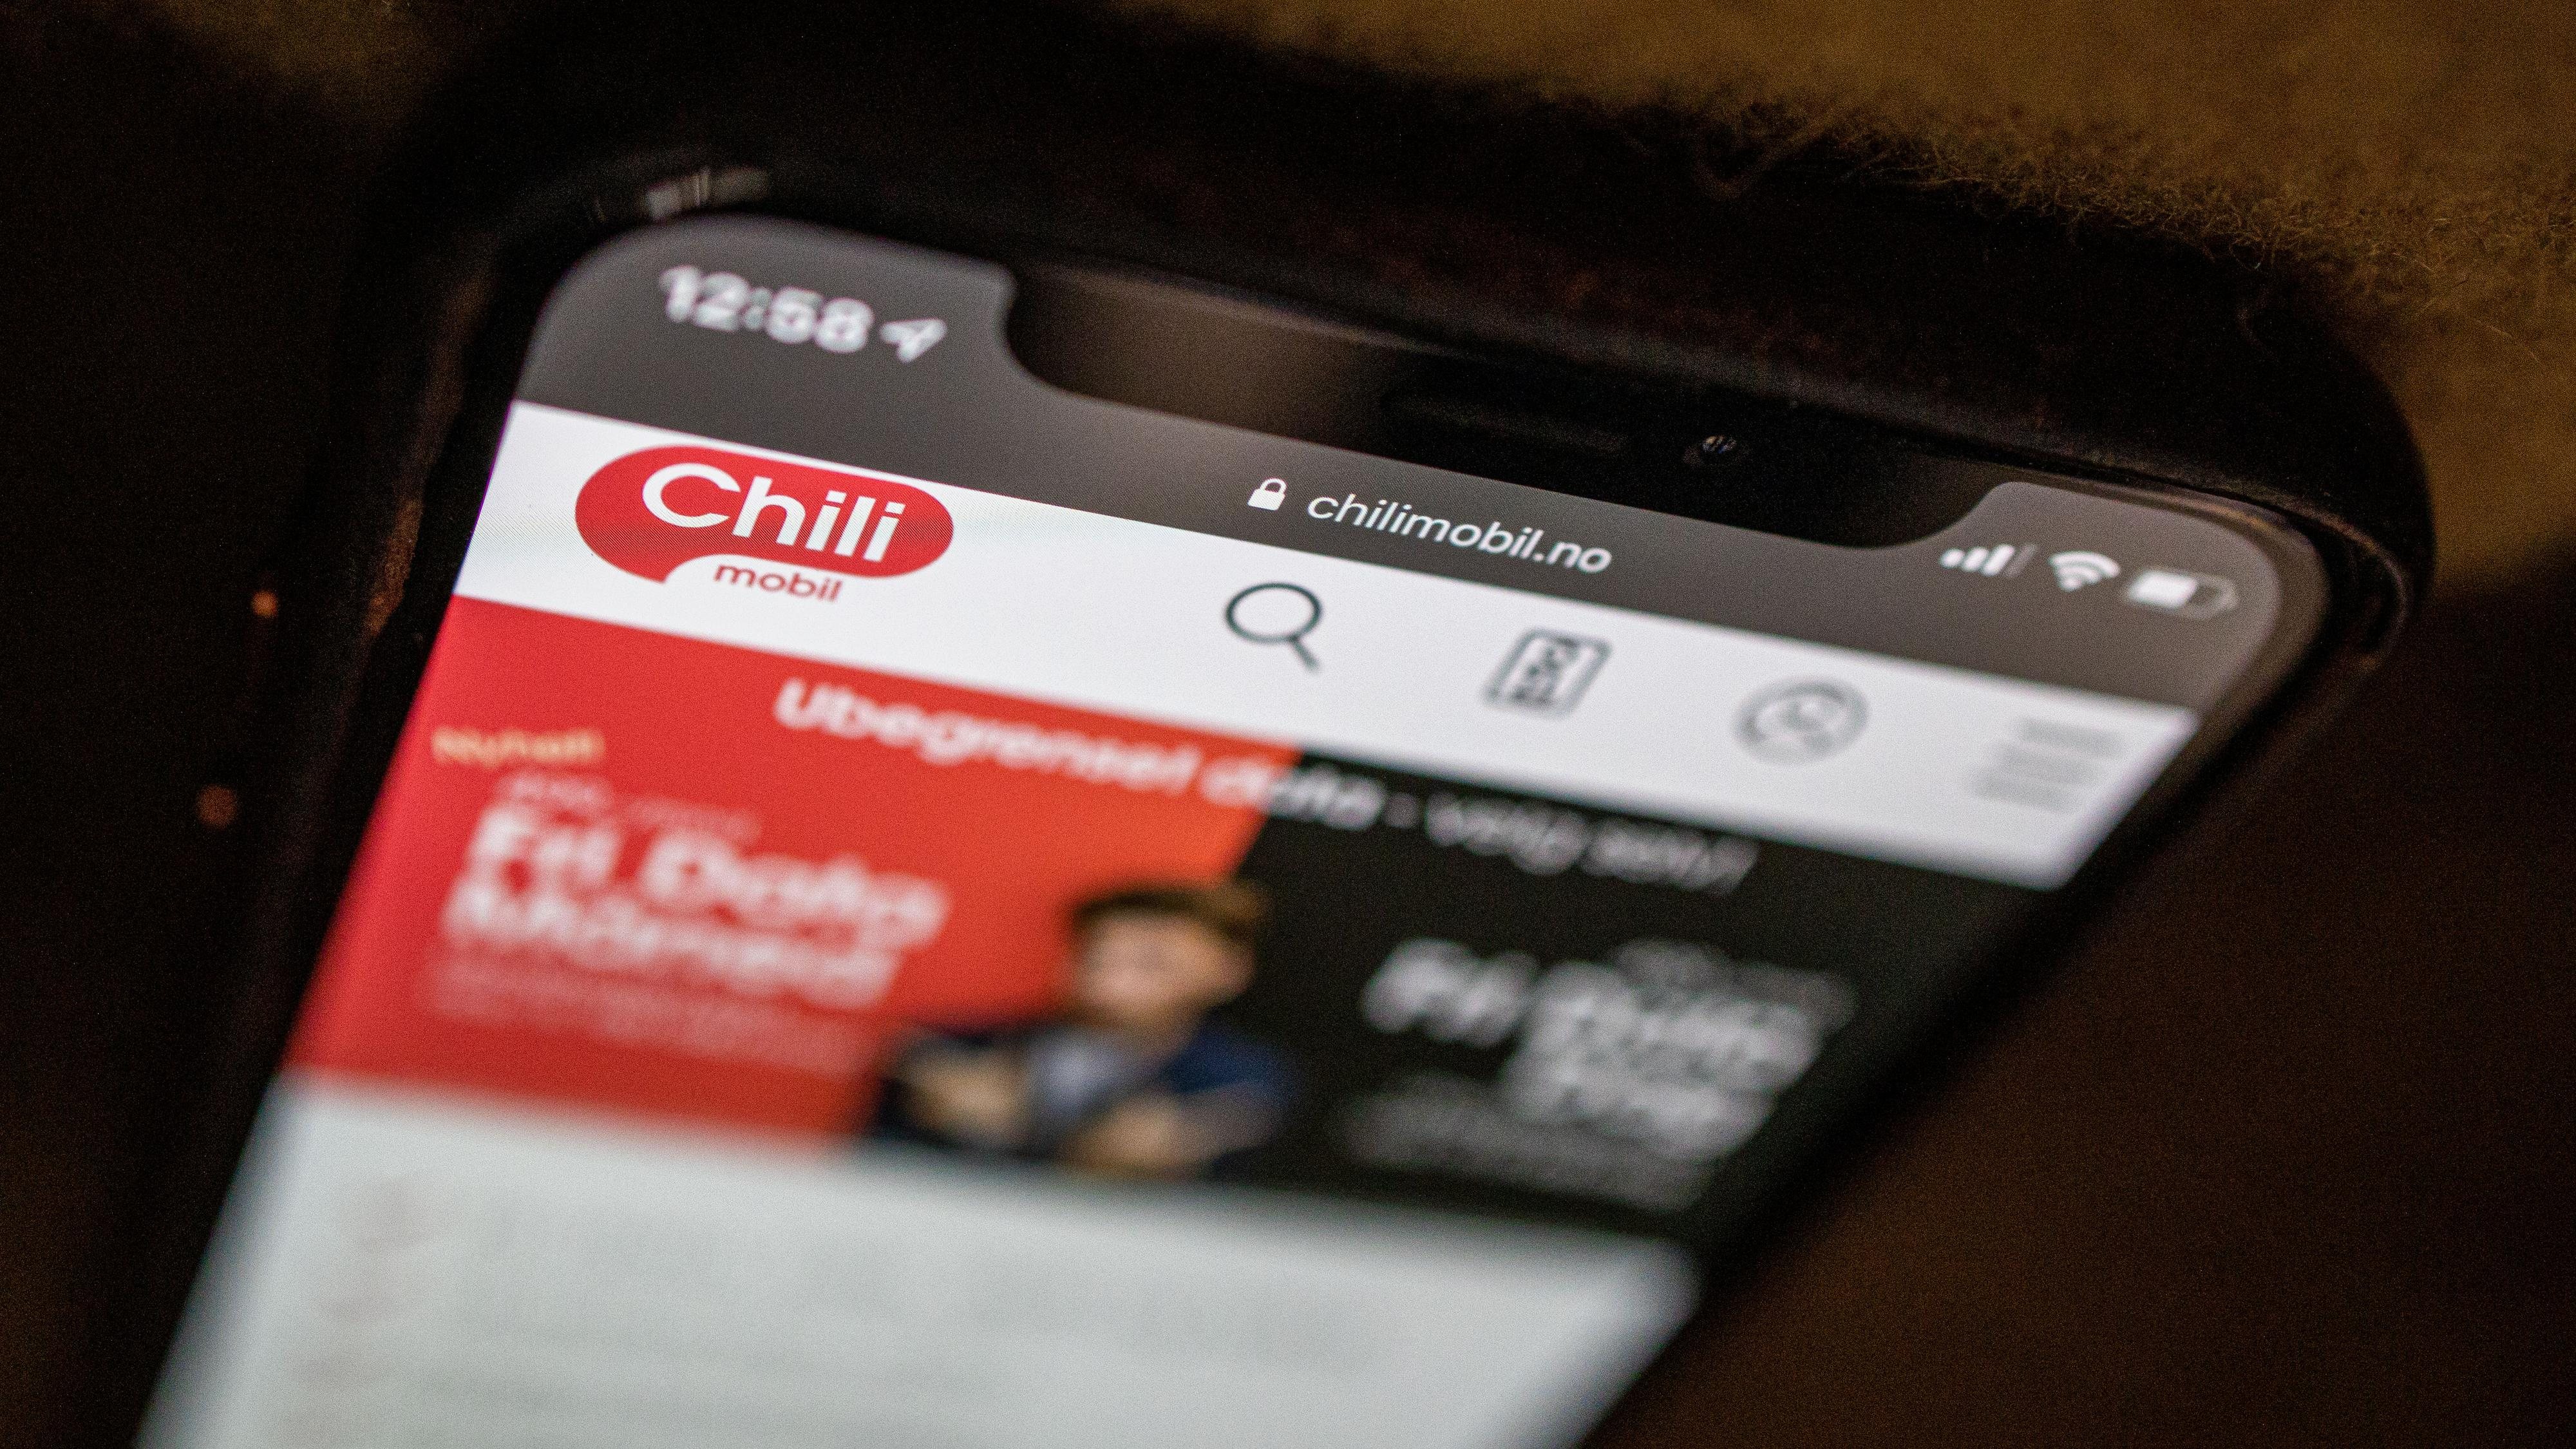 Chilimobil endrer «Fri data»-abonnement for å skille seg fra konkurrentene